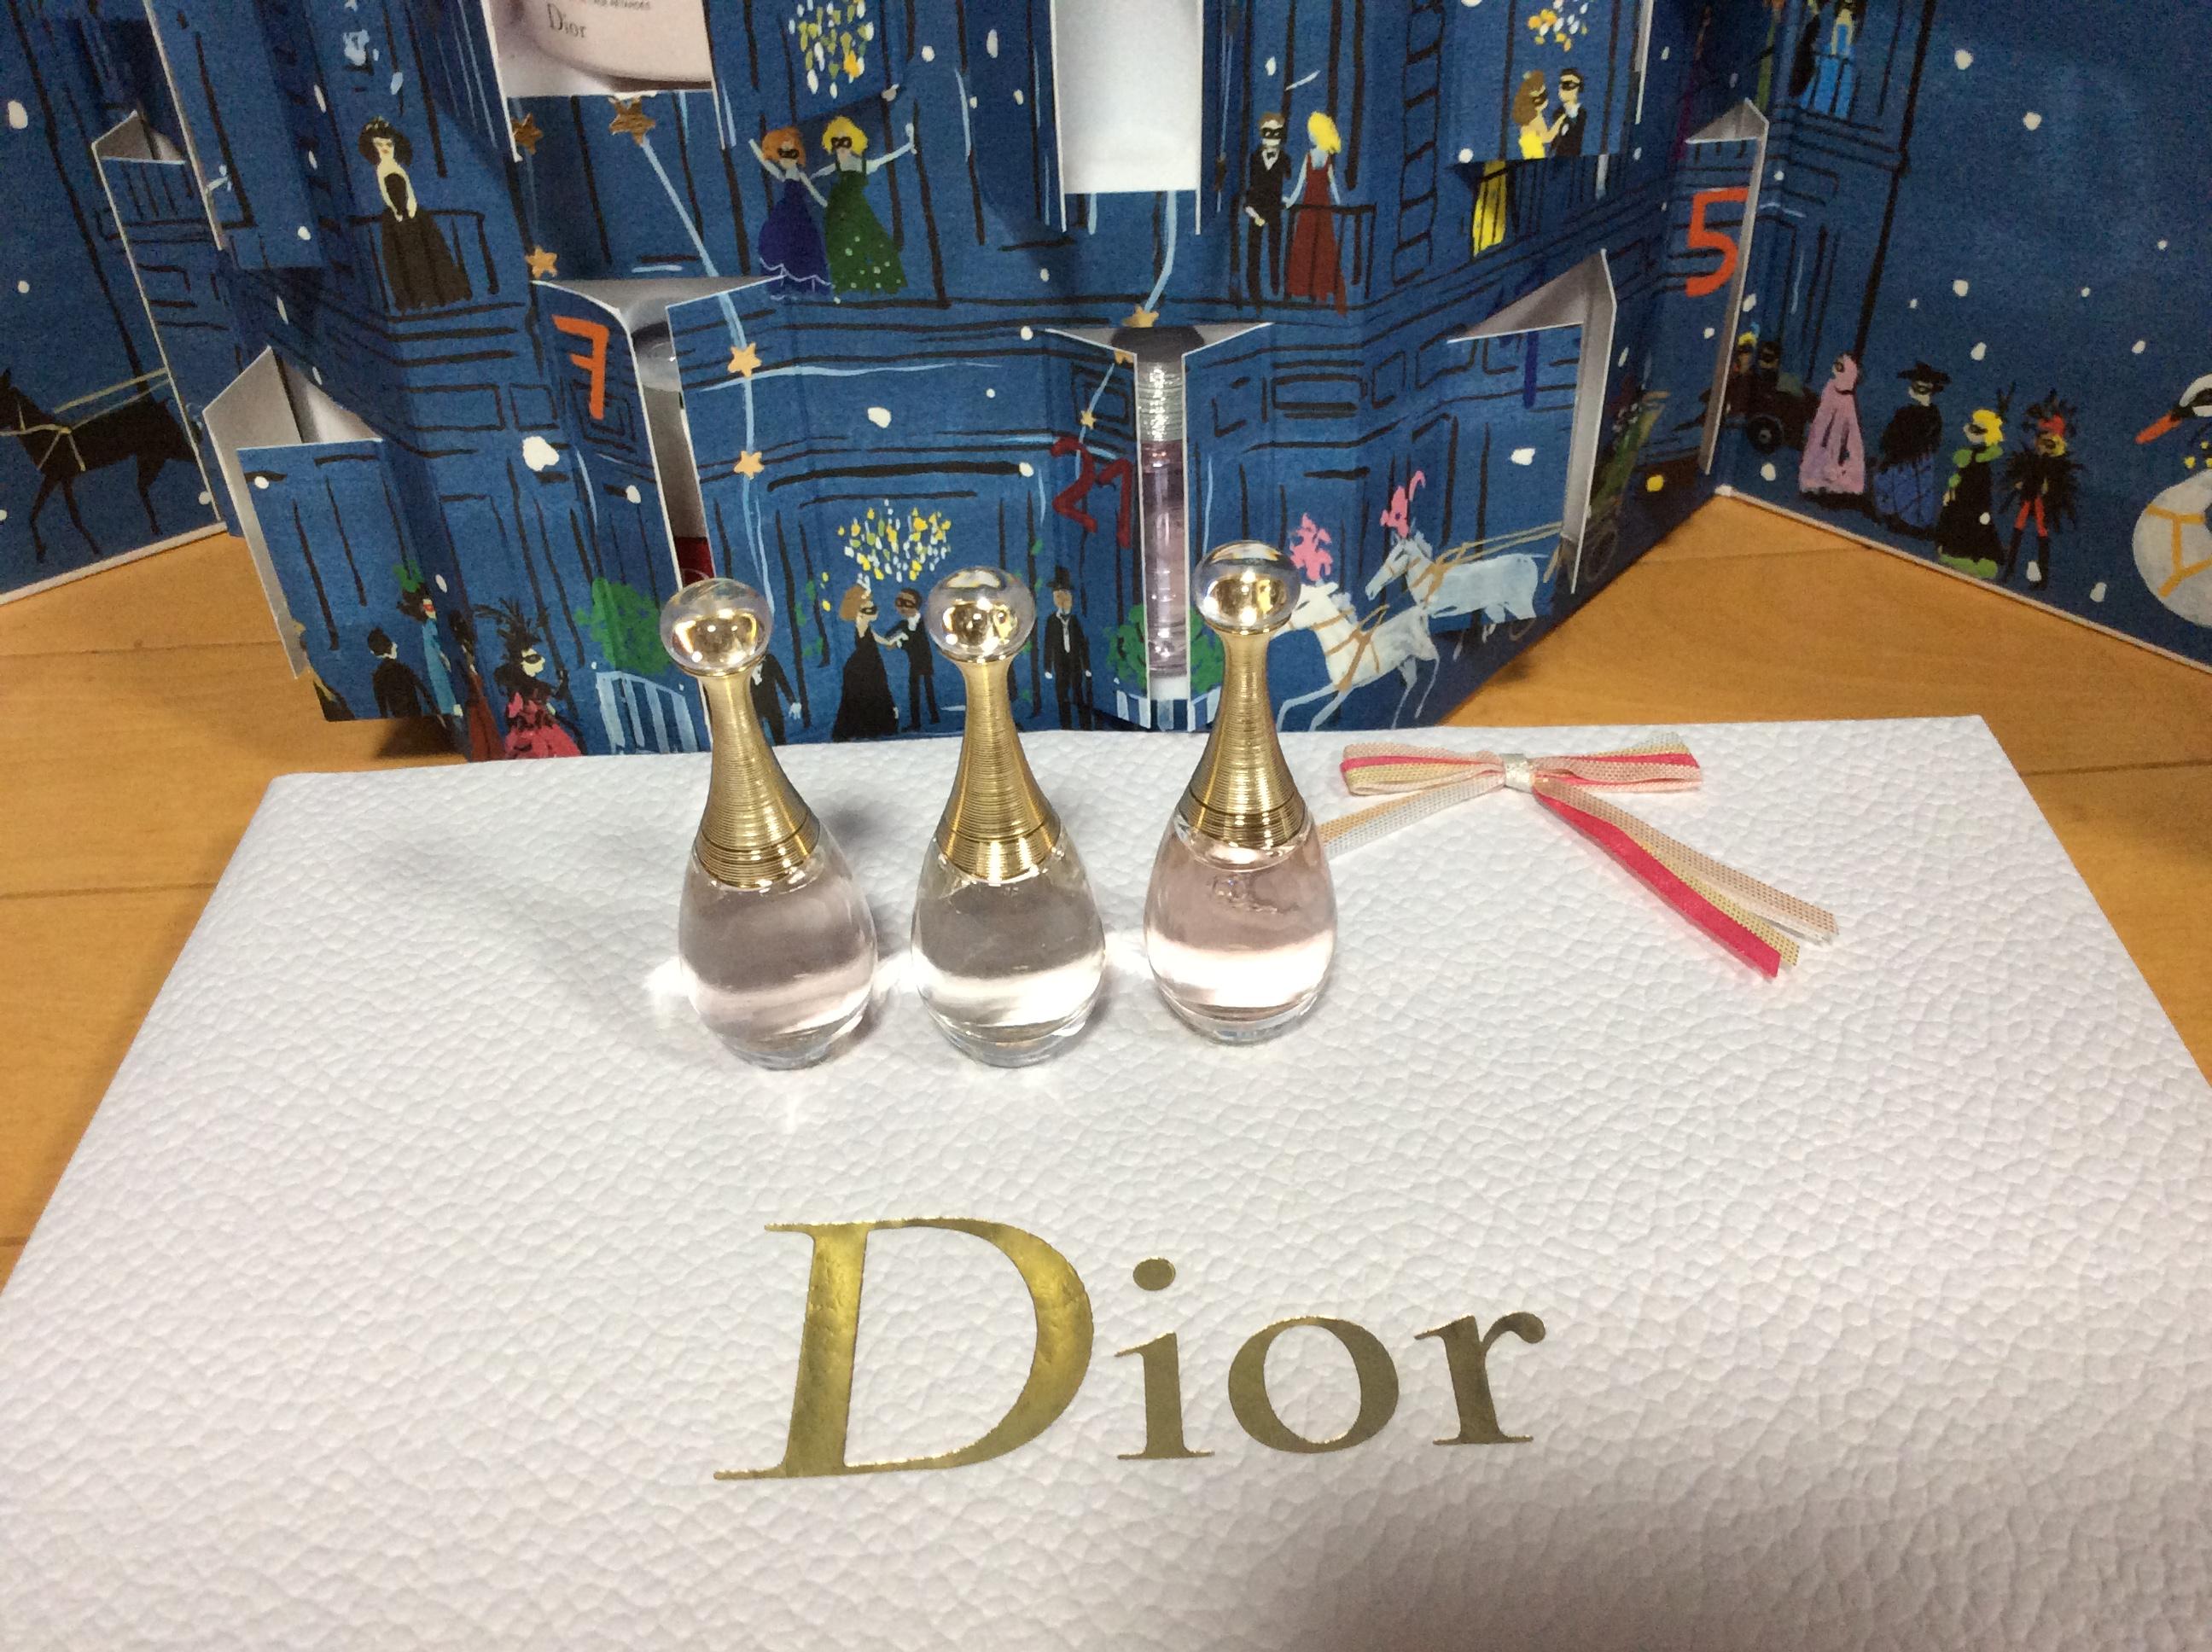 Dior アドベントカレンダー 2018 24日目 ジャドールオードゥパルファン オールミエール インジョイ